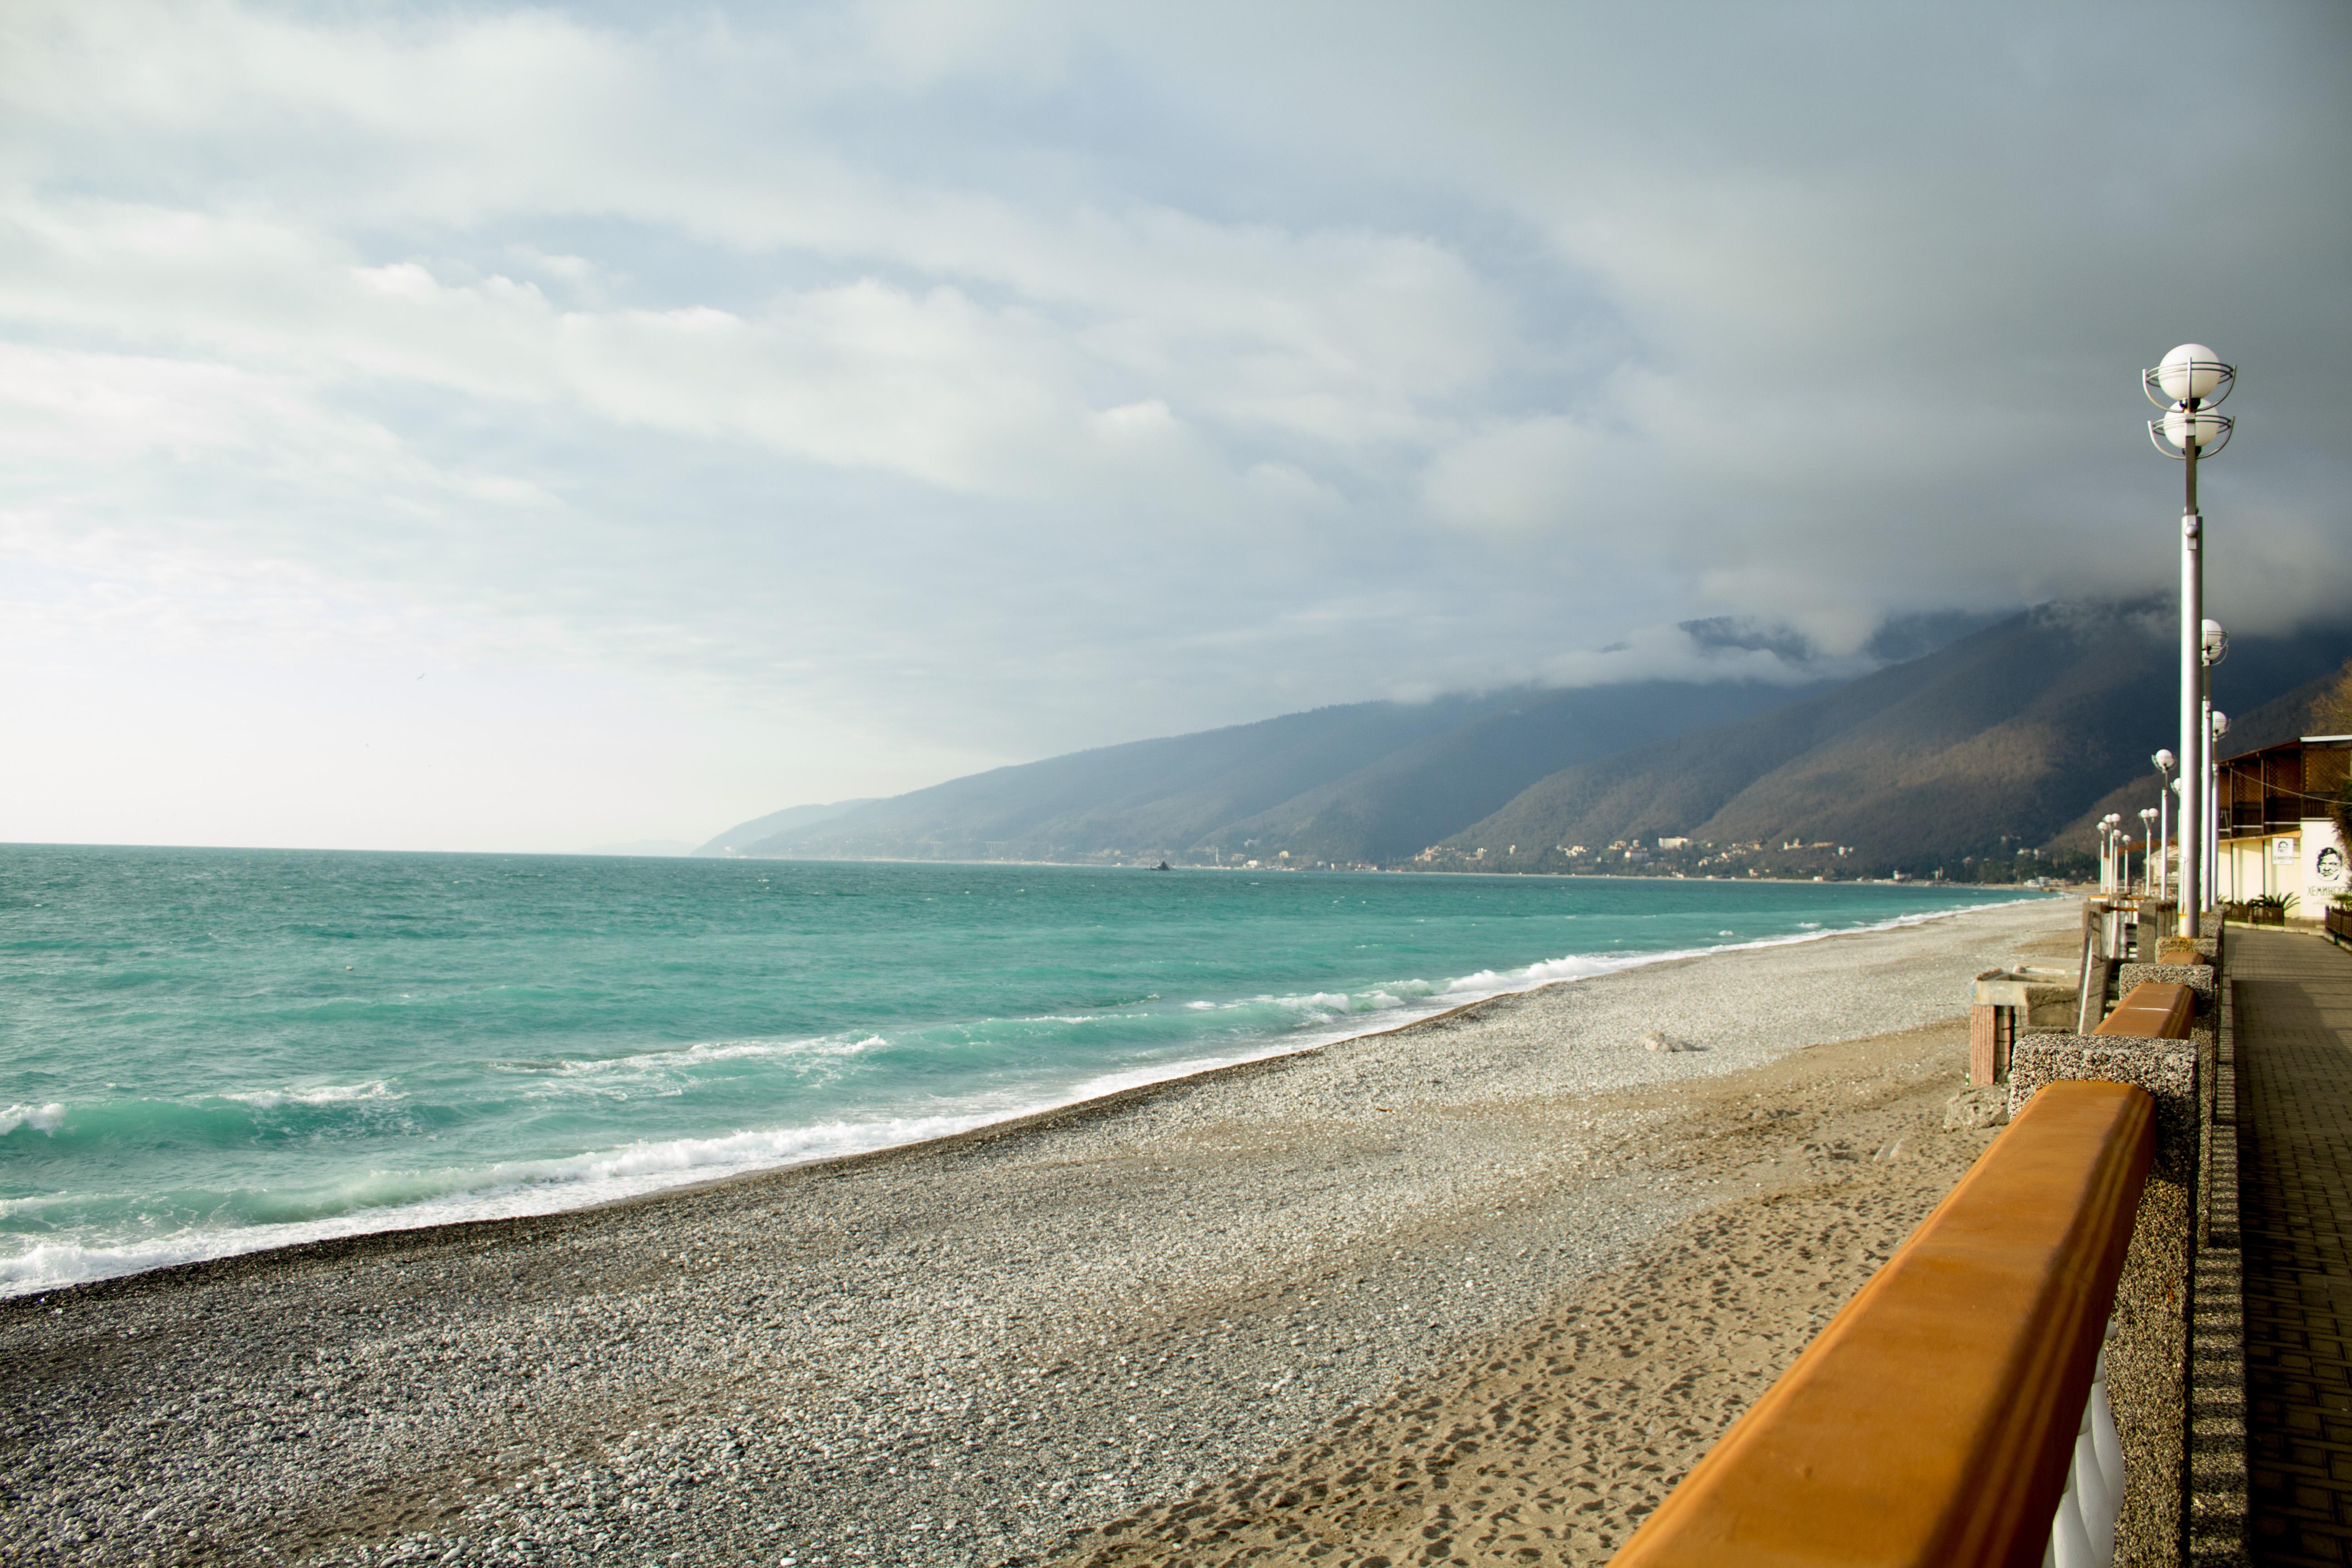 приехали, получили абхазия фото пляжей и набережной все-таки